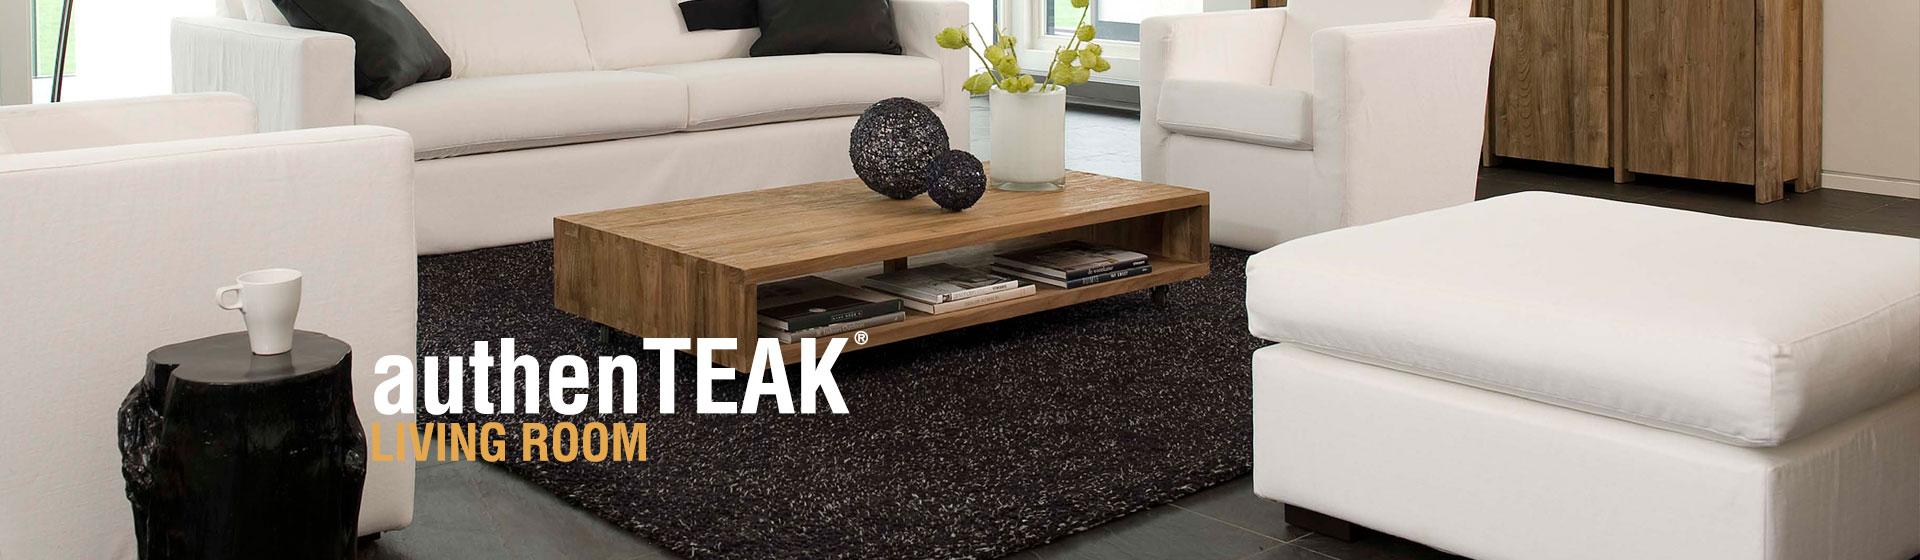 Authenteak Teak Wood Furniture